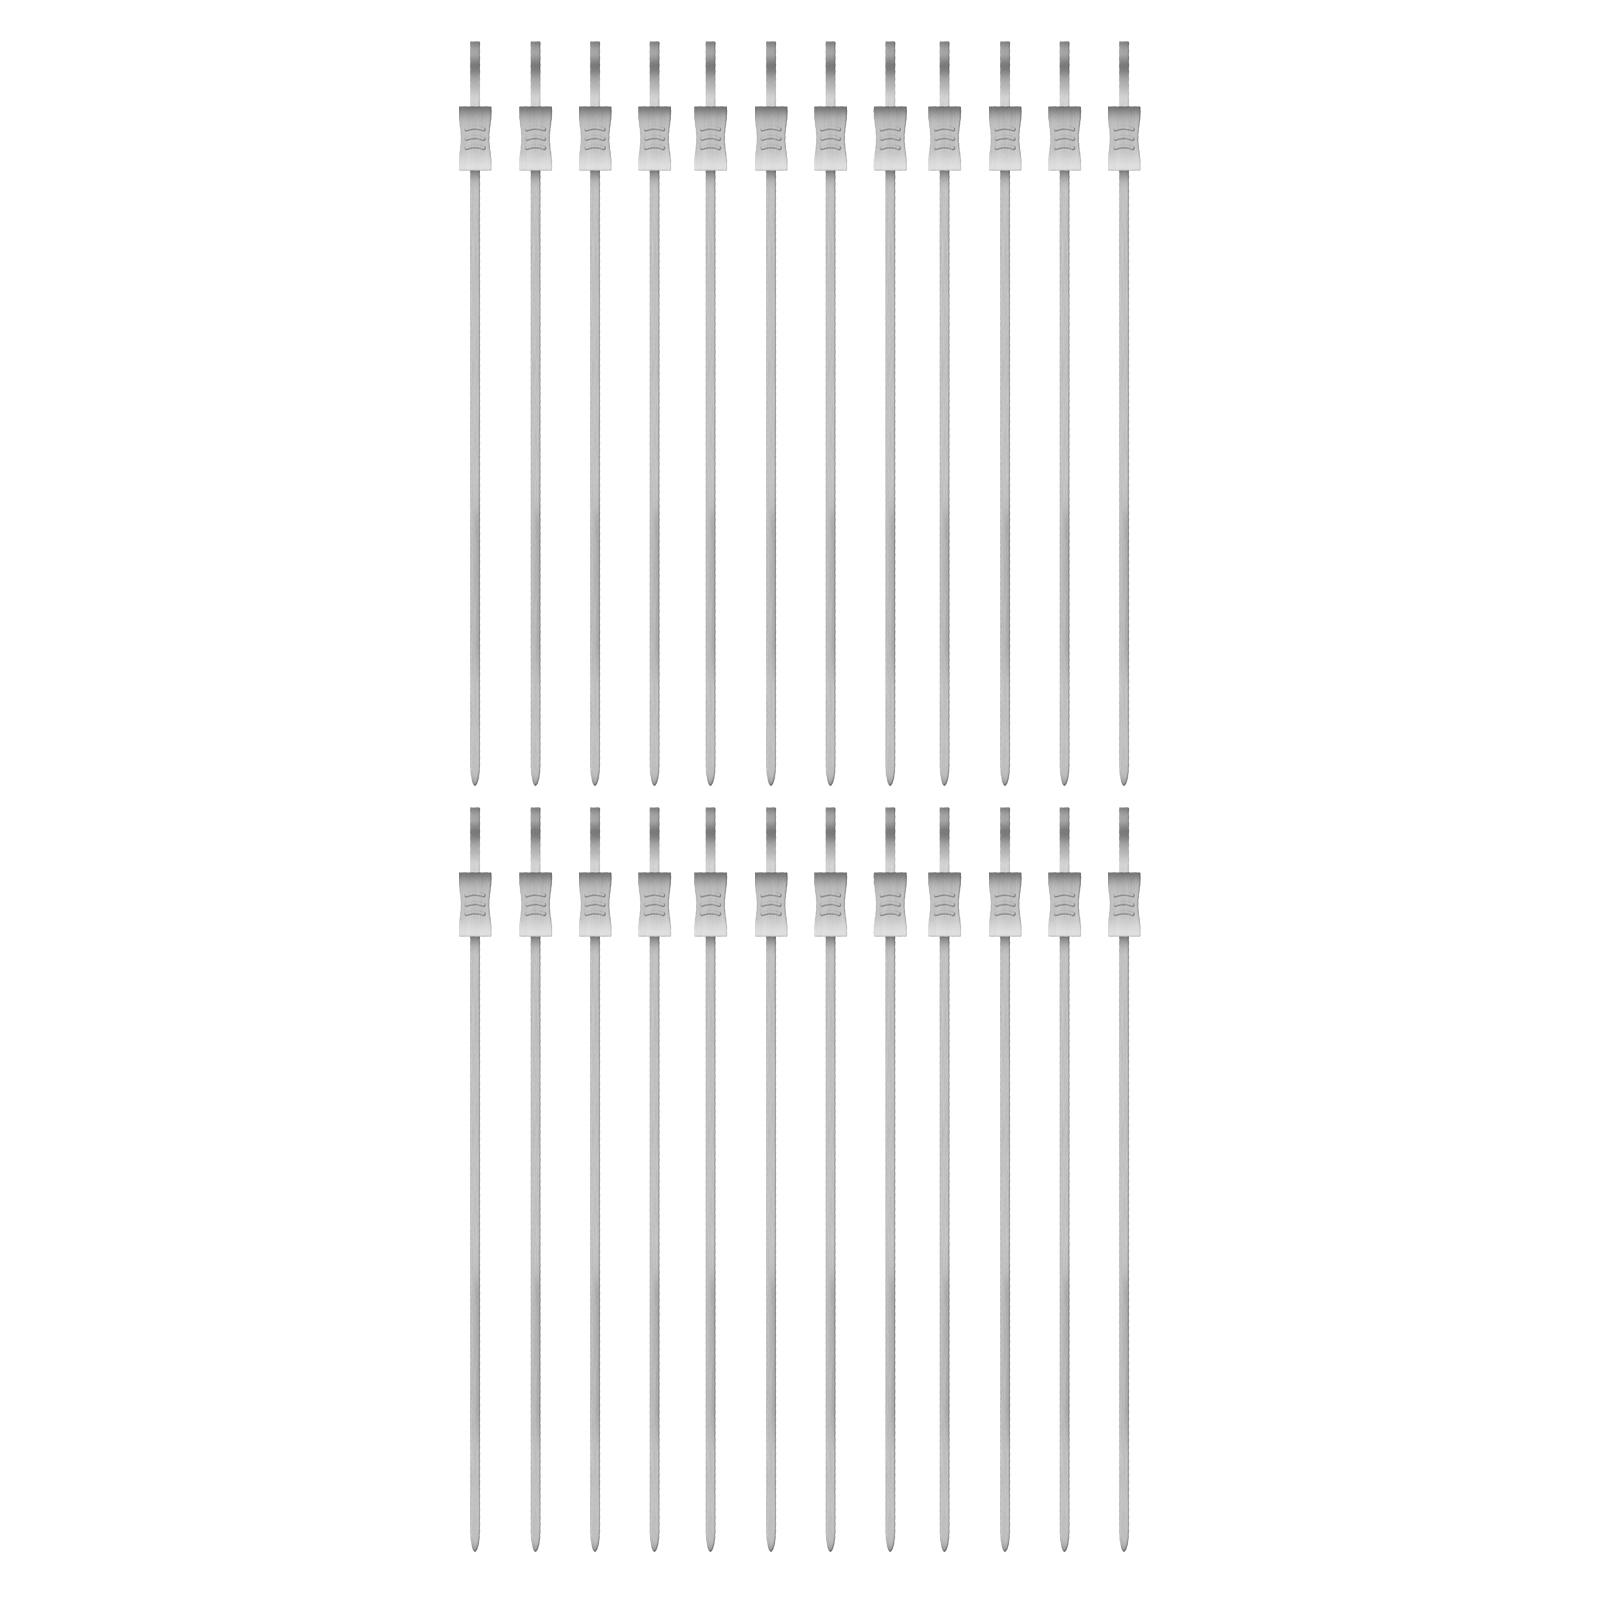 12 Edelstahl Grillspieße 41 cm mit Schieber Fleischspieß Schaschlikspieße Spieße